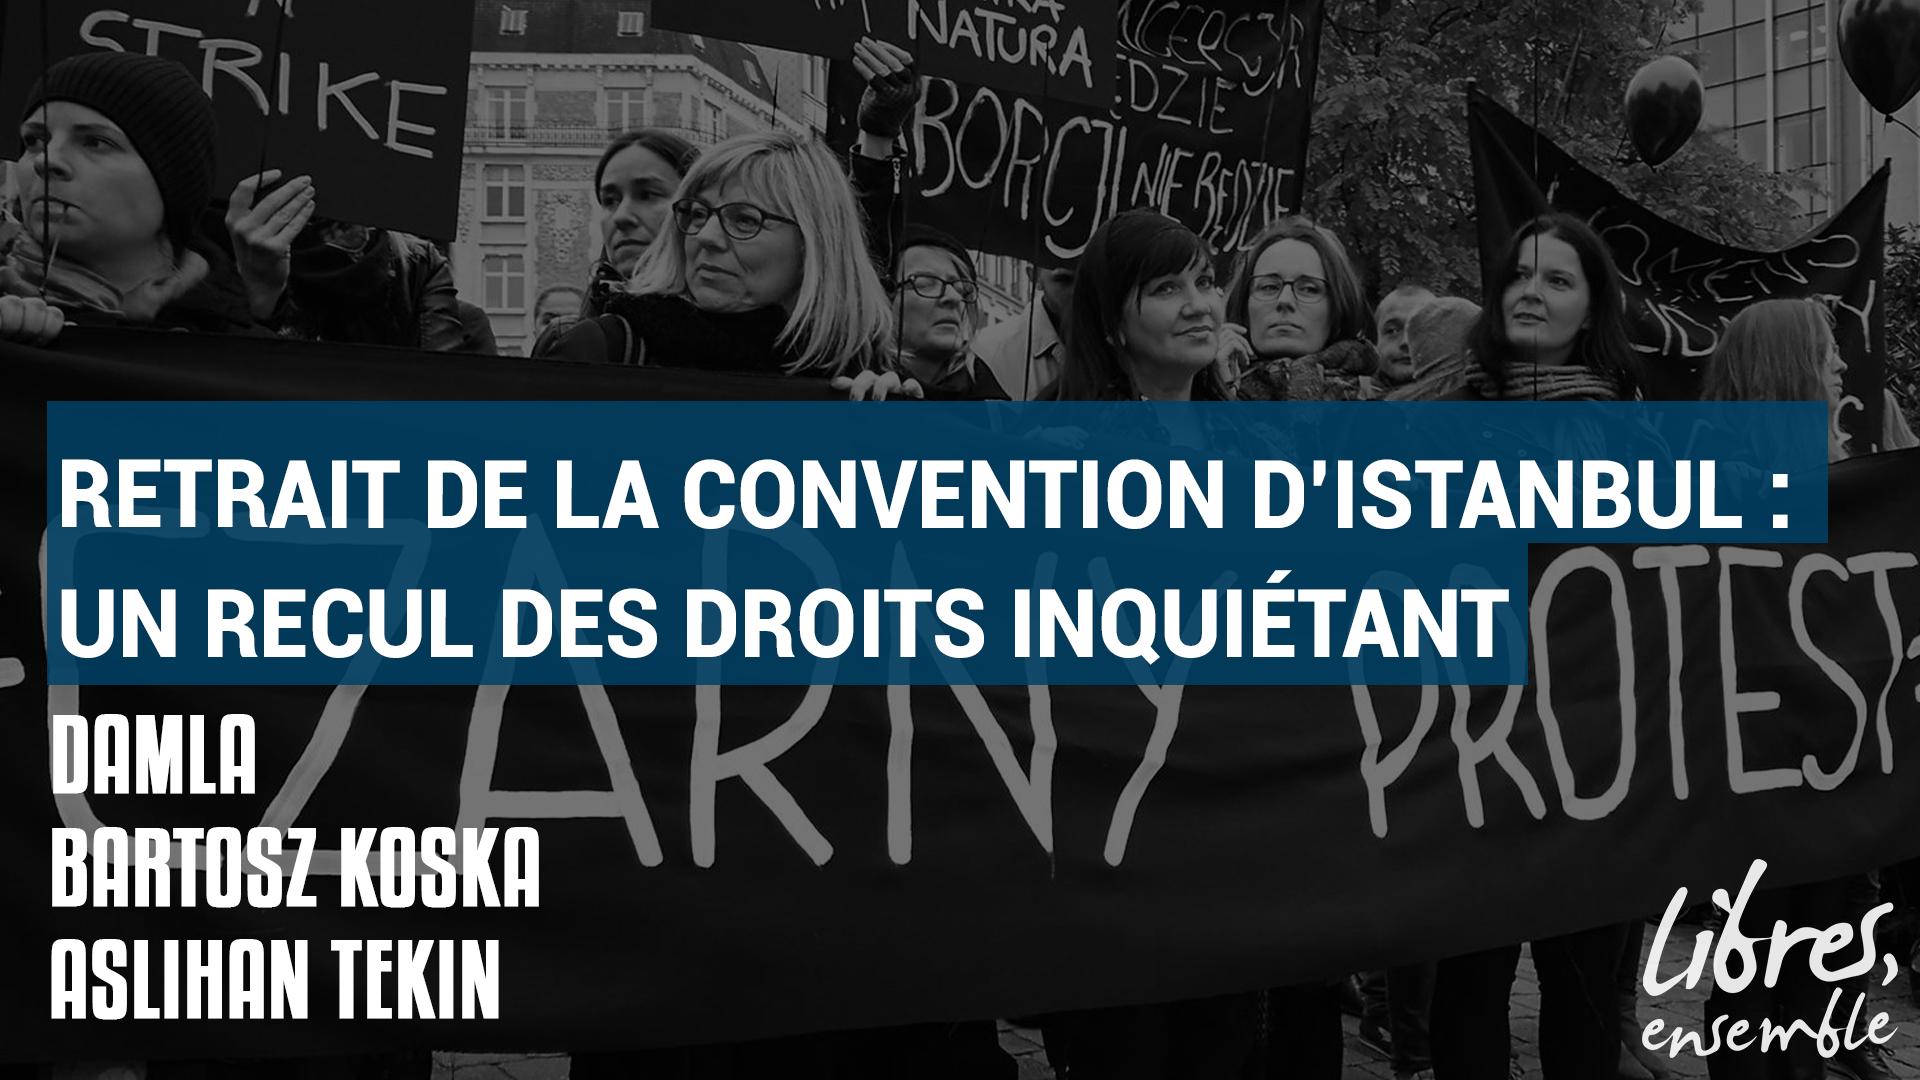 Retrait de la Convention d'Istanbul : un recul des droits inquiétant